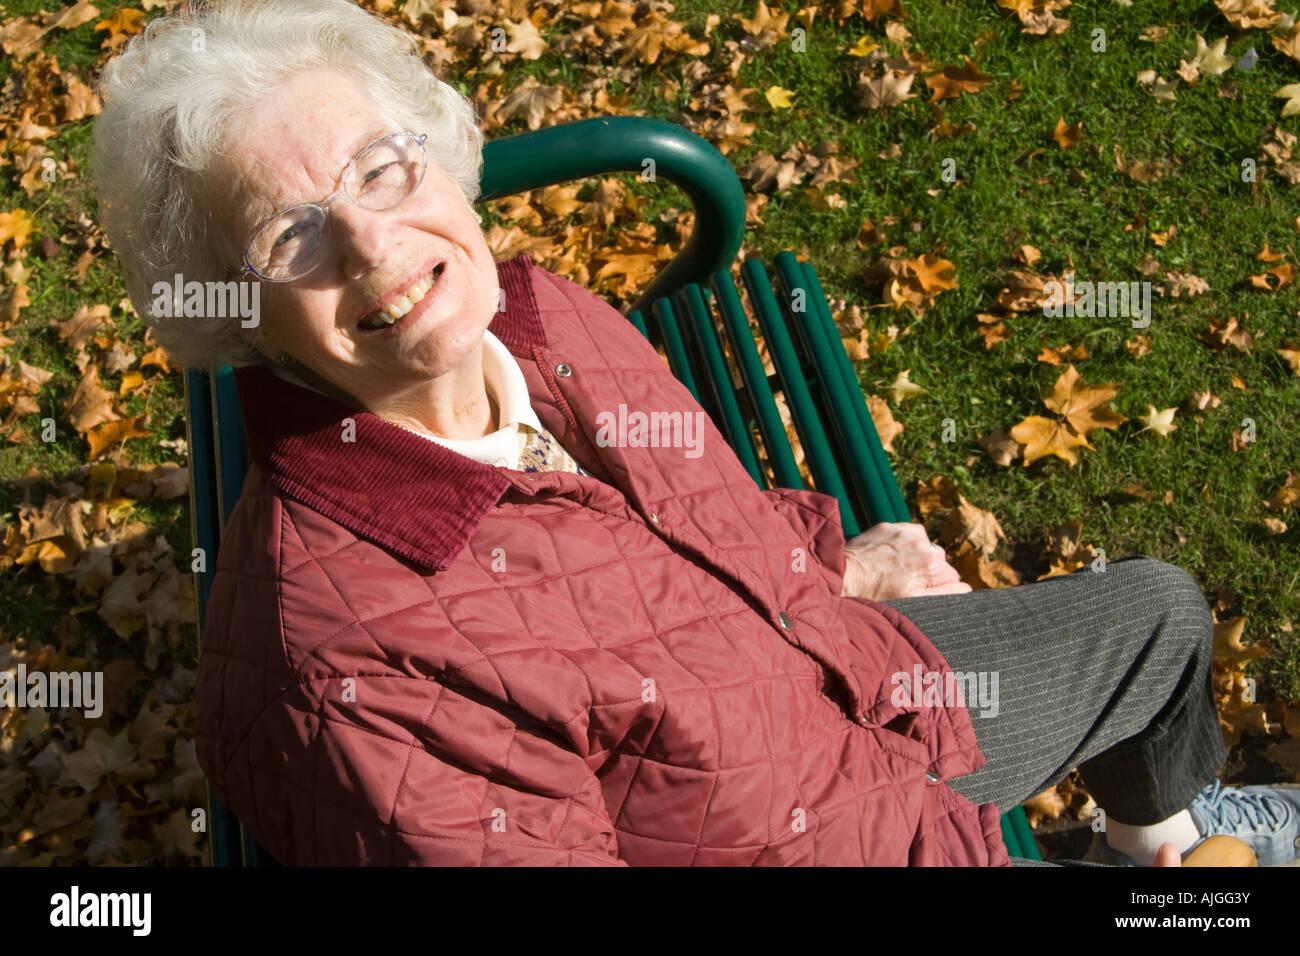 Ältere Dame auf einem Sitz zu sitzen und auf der Suche nach oben Stockbild